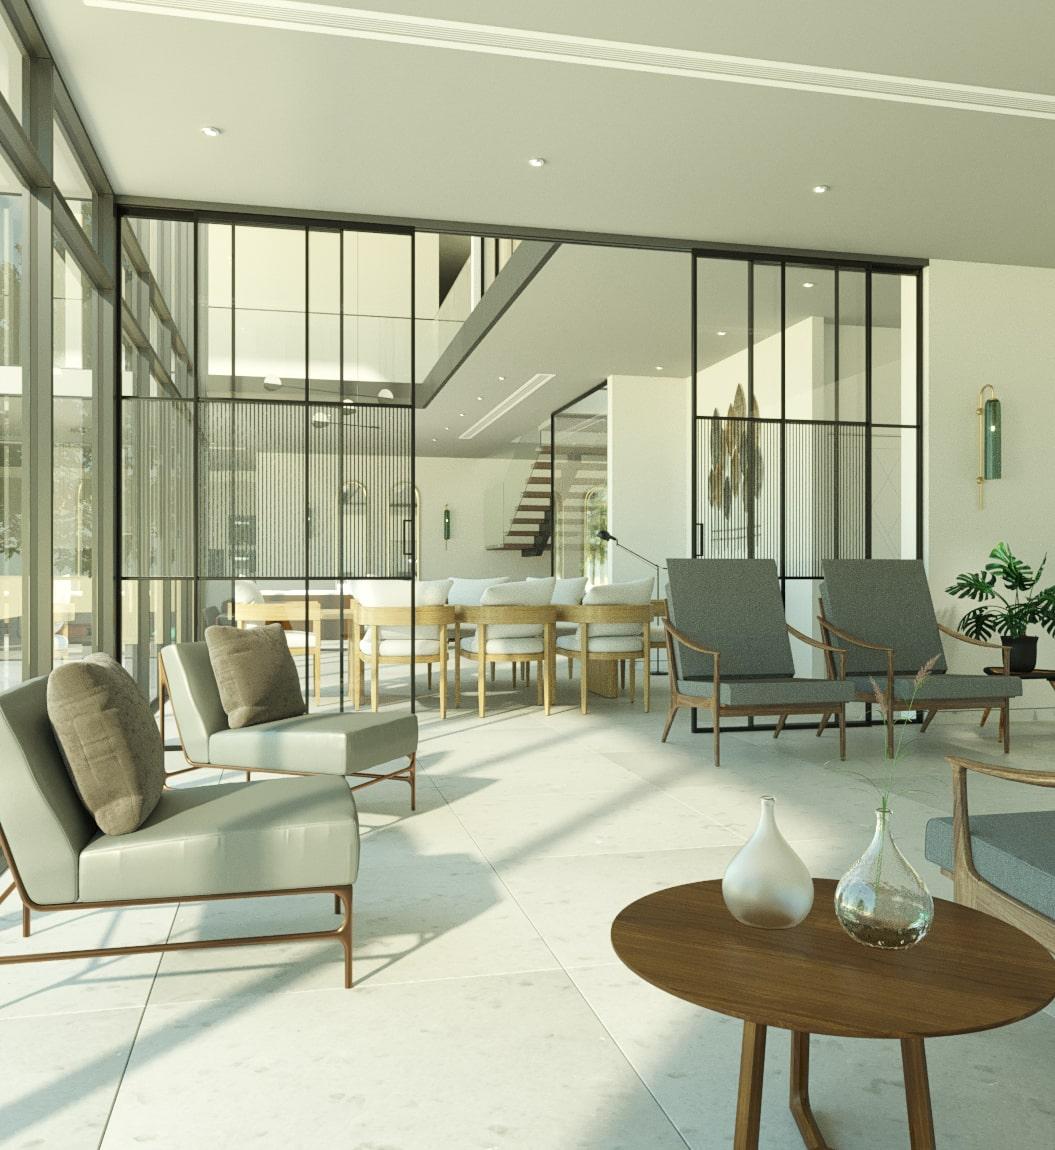 Design d'intérieur & architecture d'intérieur : design moderne et chic chez INJarch